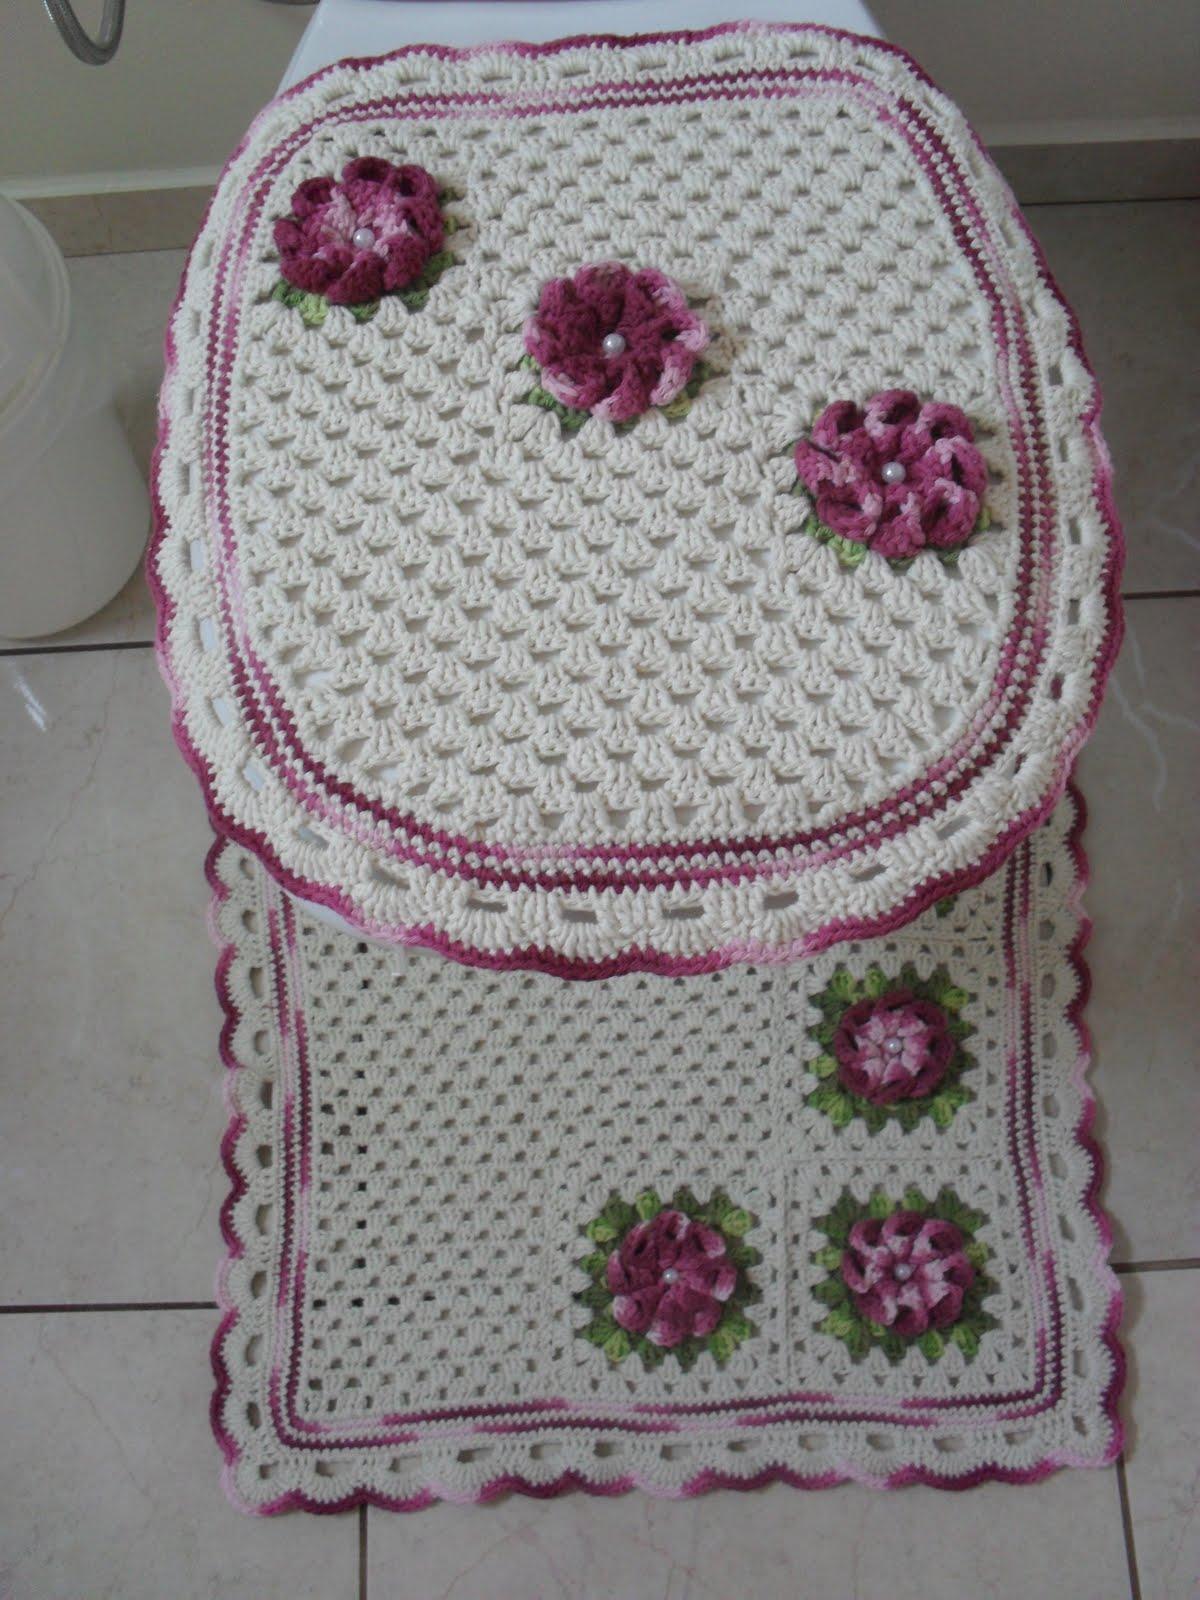 Tapete Floral Para Banheiro : Fasc?nio: Jogo de tapetes banheiro – Uma flor para alegrar o dia